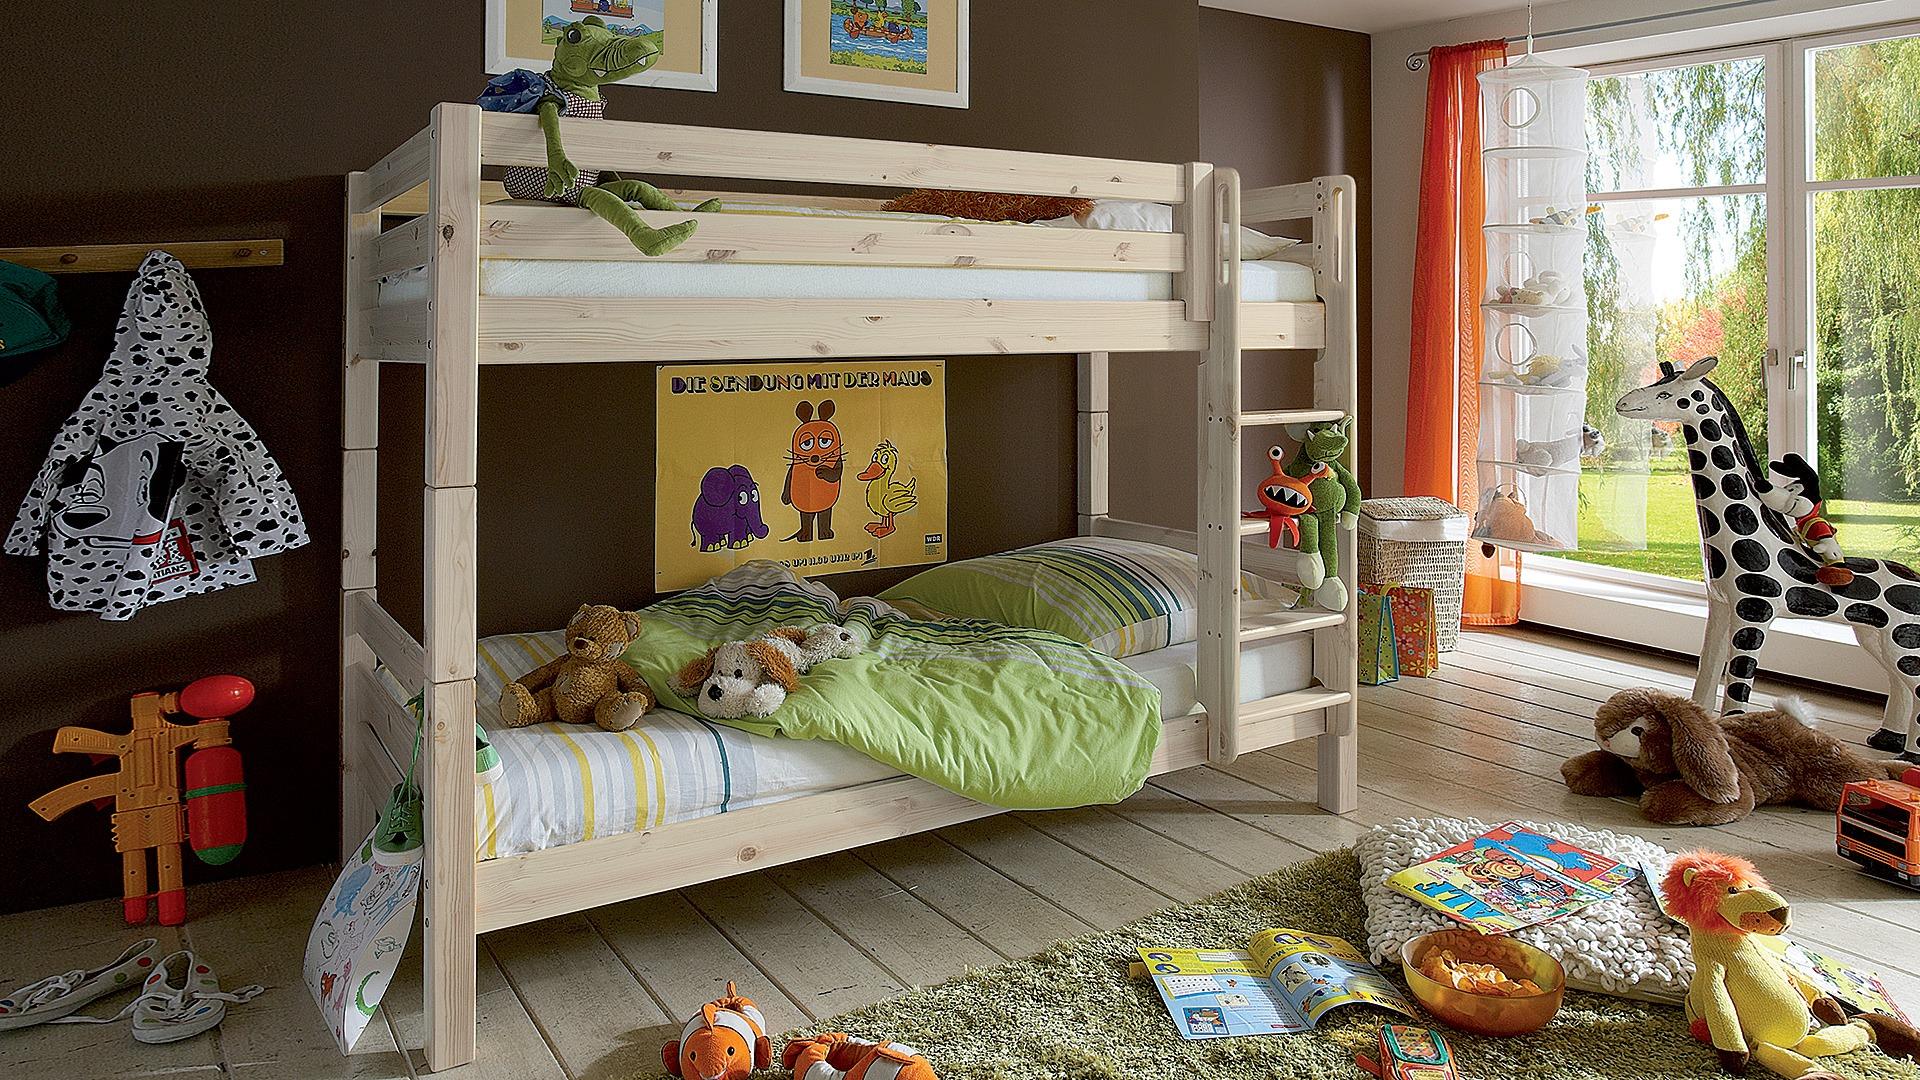 Etagenbett Jugend : Etagenbett mit gästebett genial bett suche coole jugendbetten